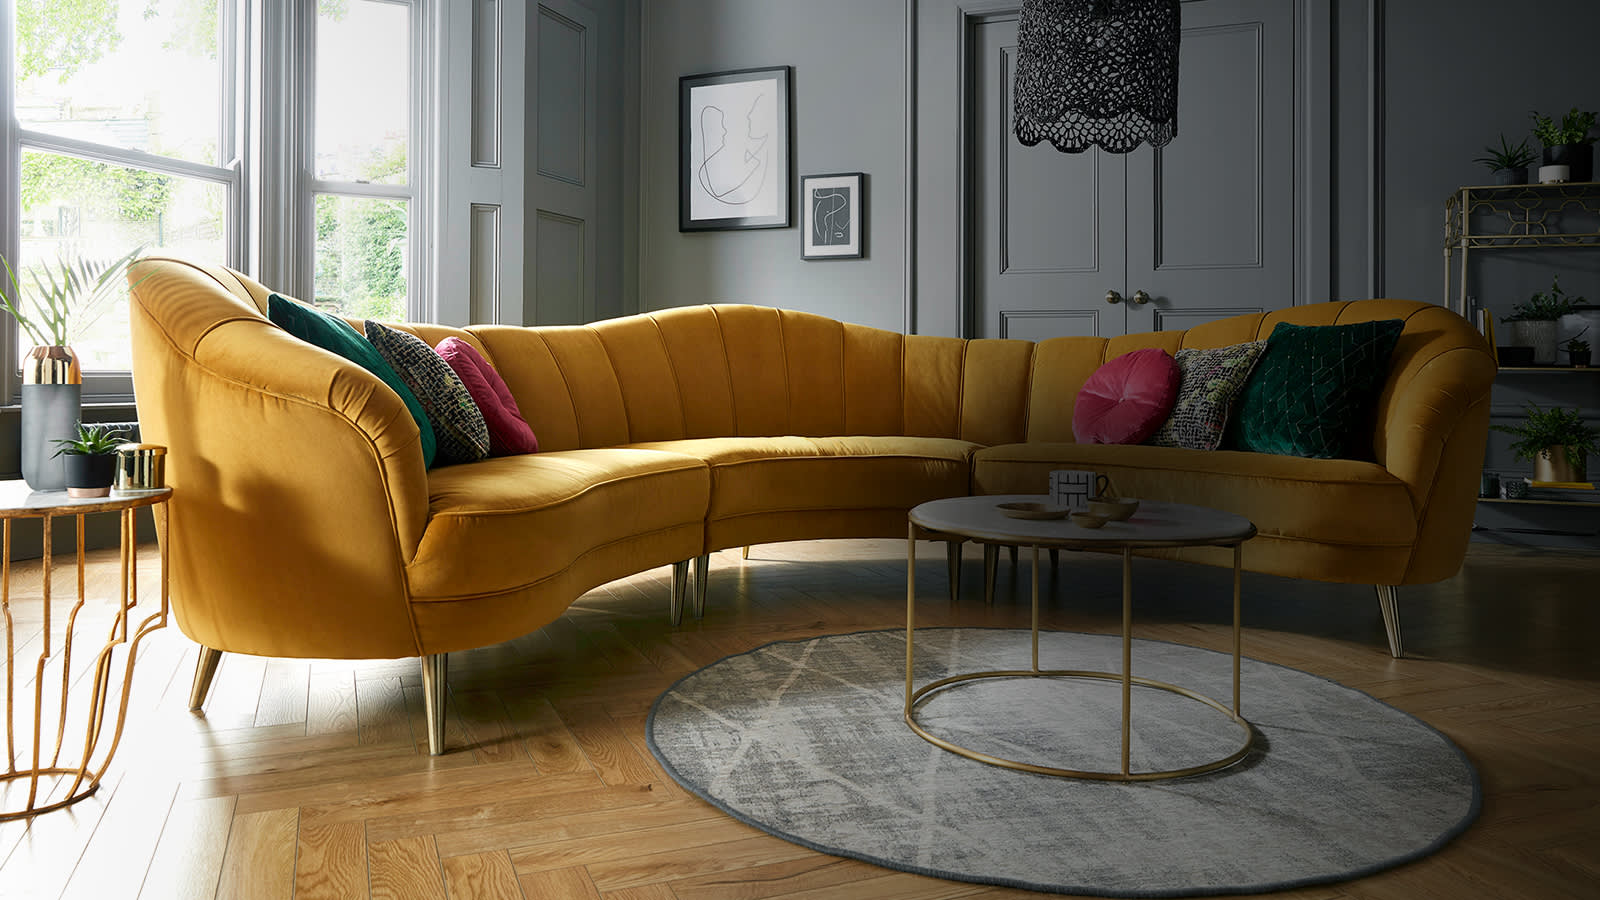 Sofology Perle sofa